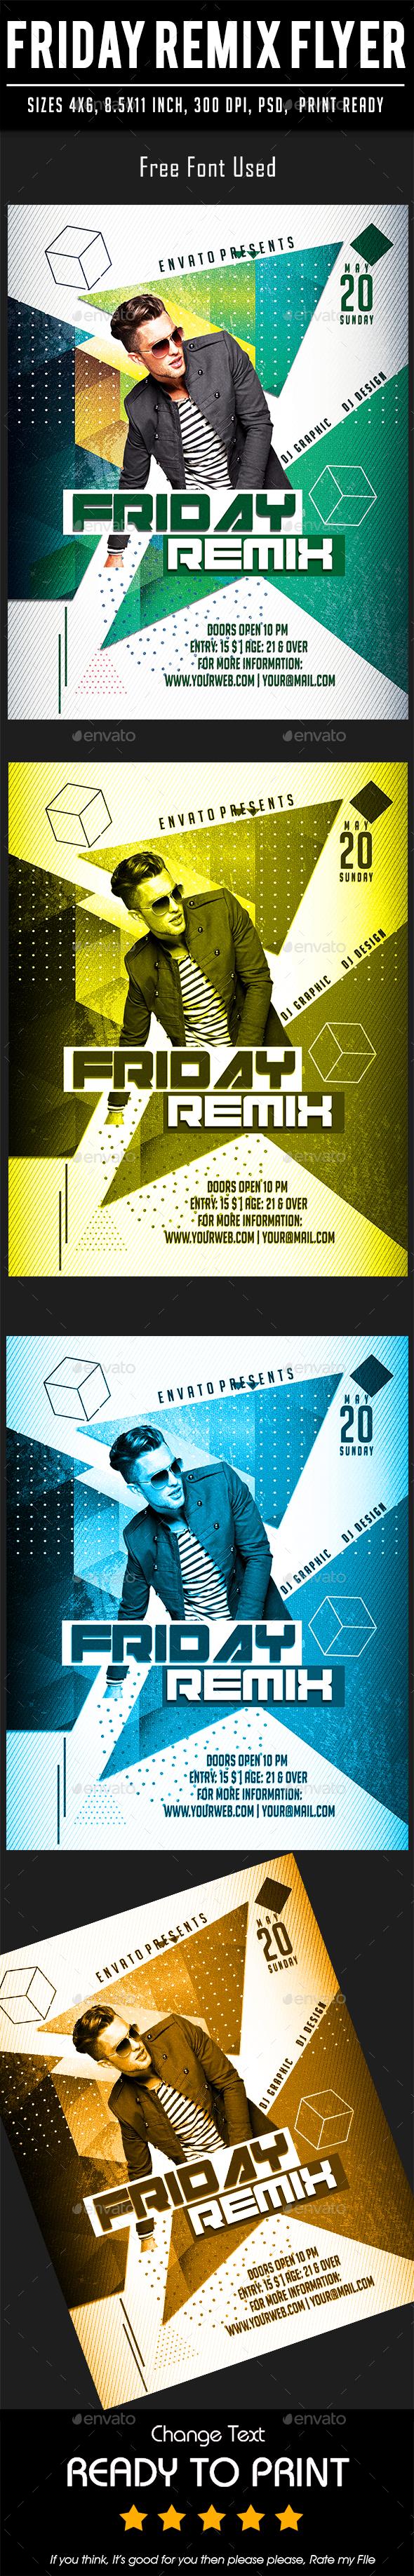 Friday Remix Flyer - Events Flyers